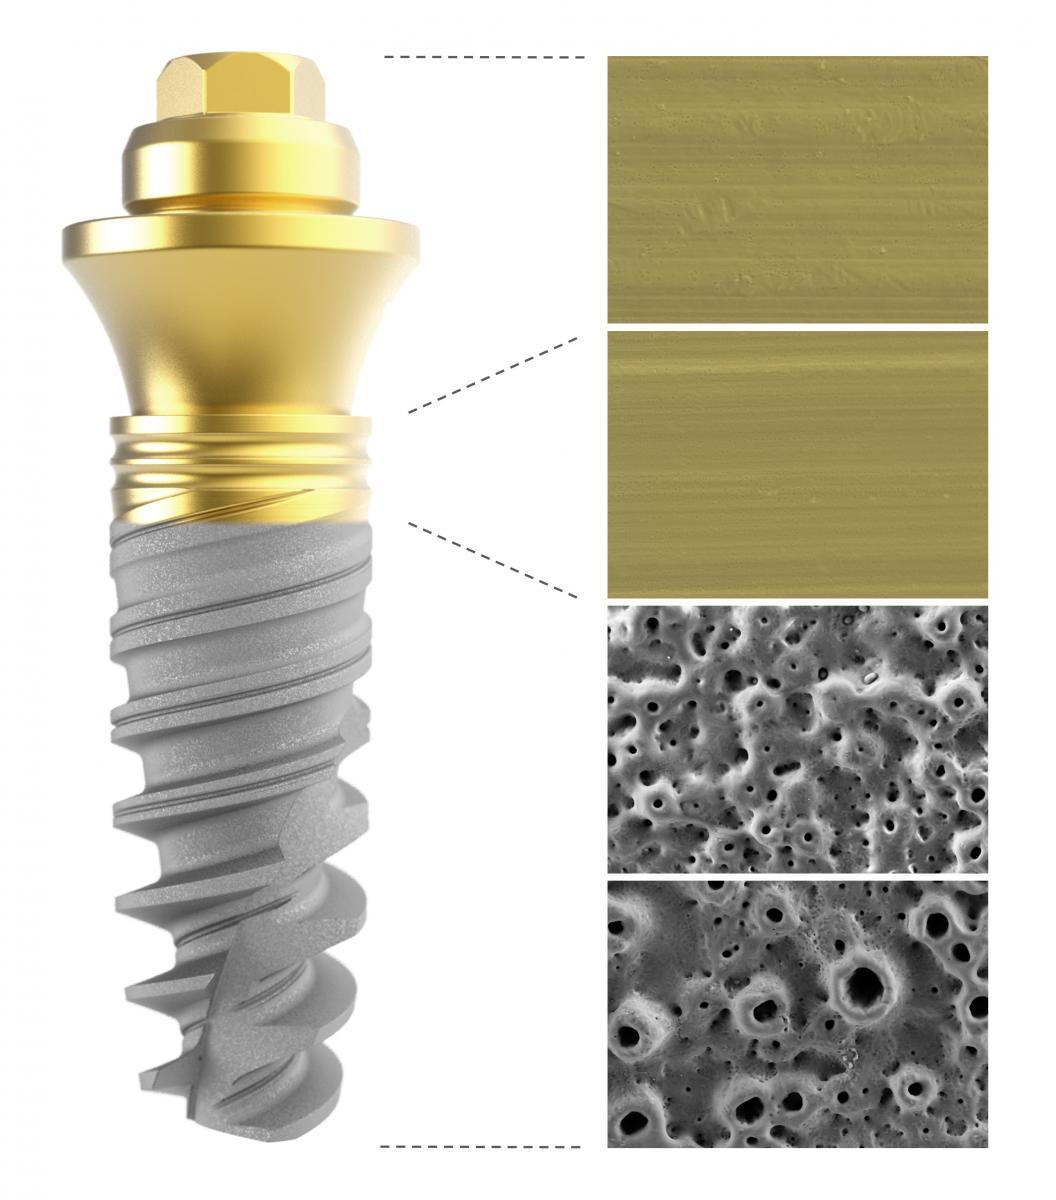 Die umfassende Expertise von Nobel Biocare im Bereich der Anodisierungstechnologie wird auf das gesamte Implantatsystem vom Abutment bis zur Spitze angewendet.